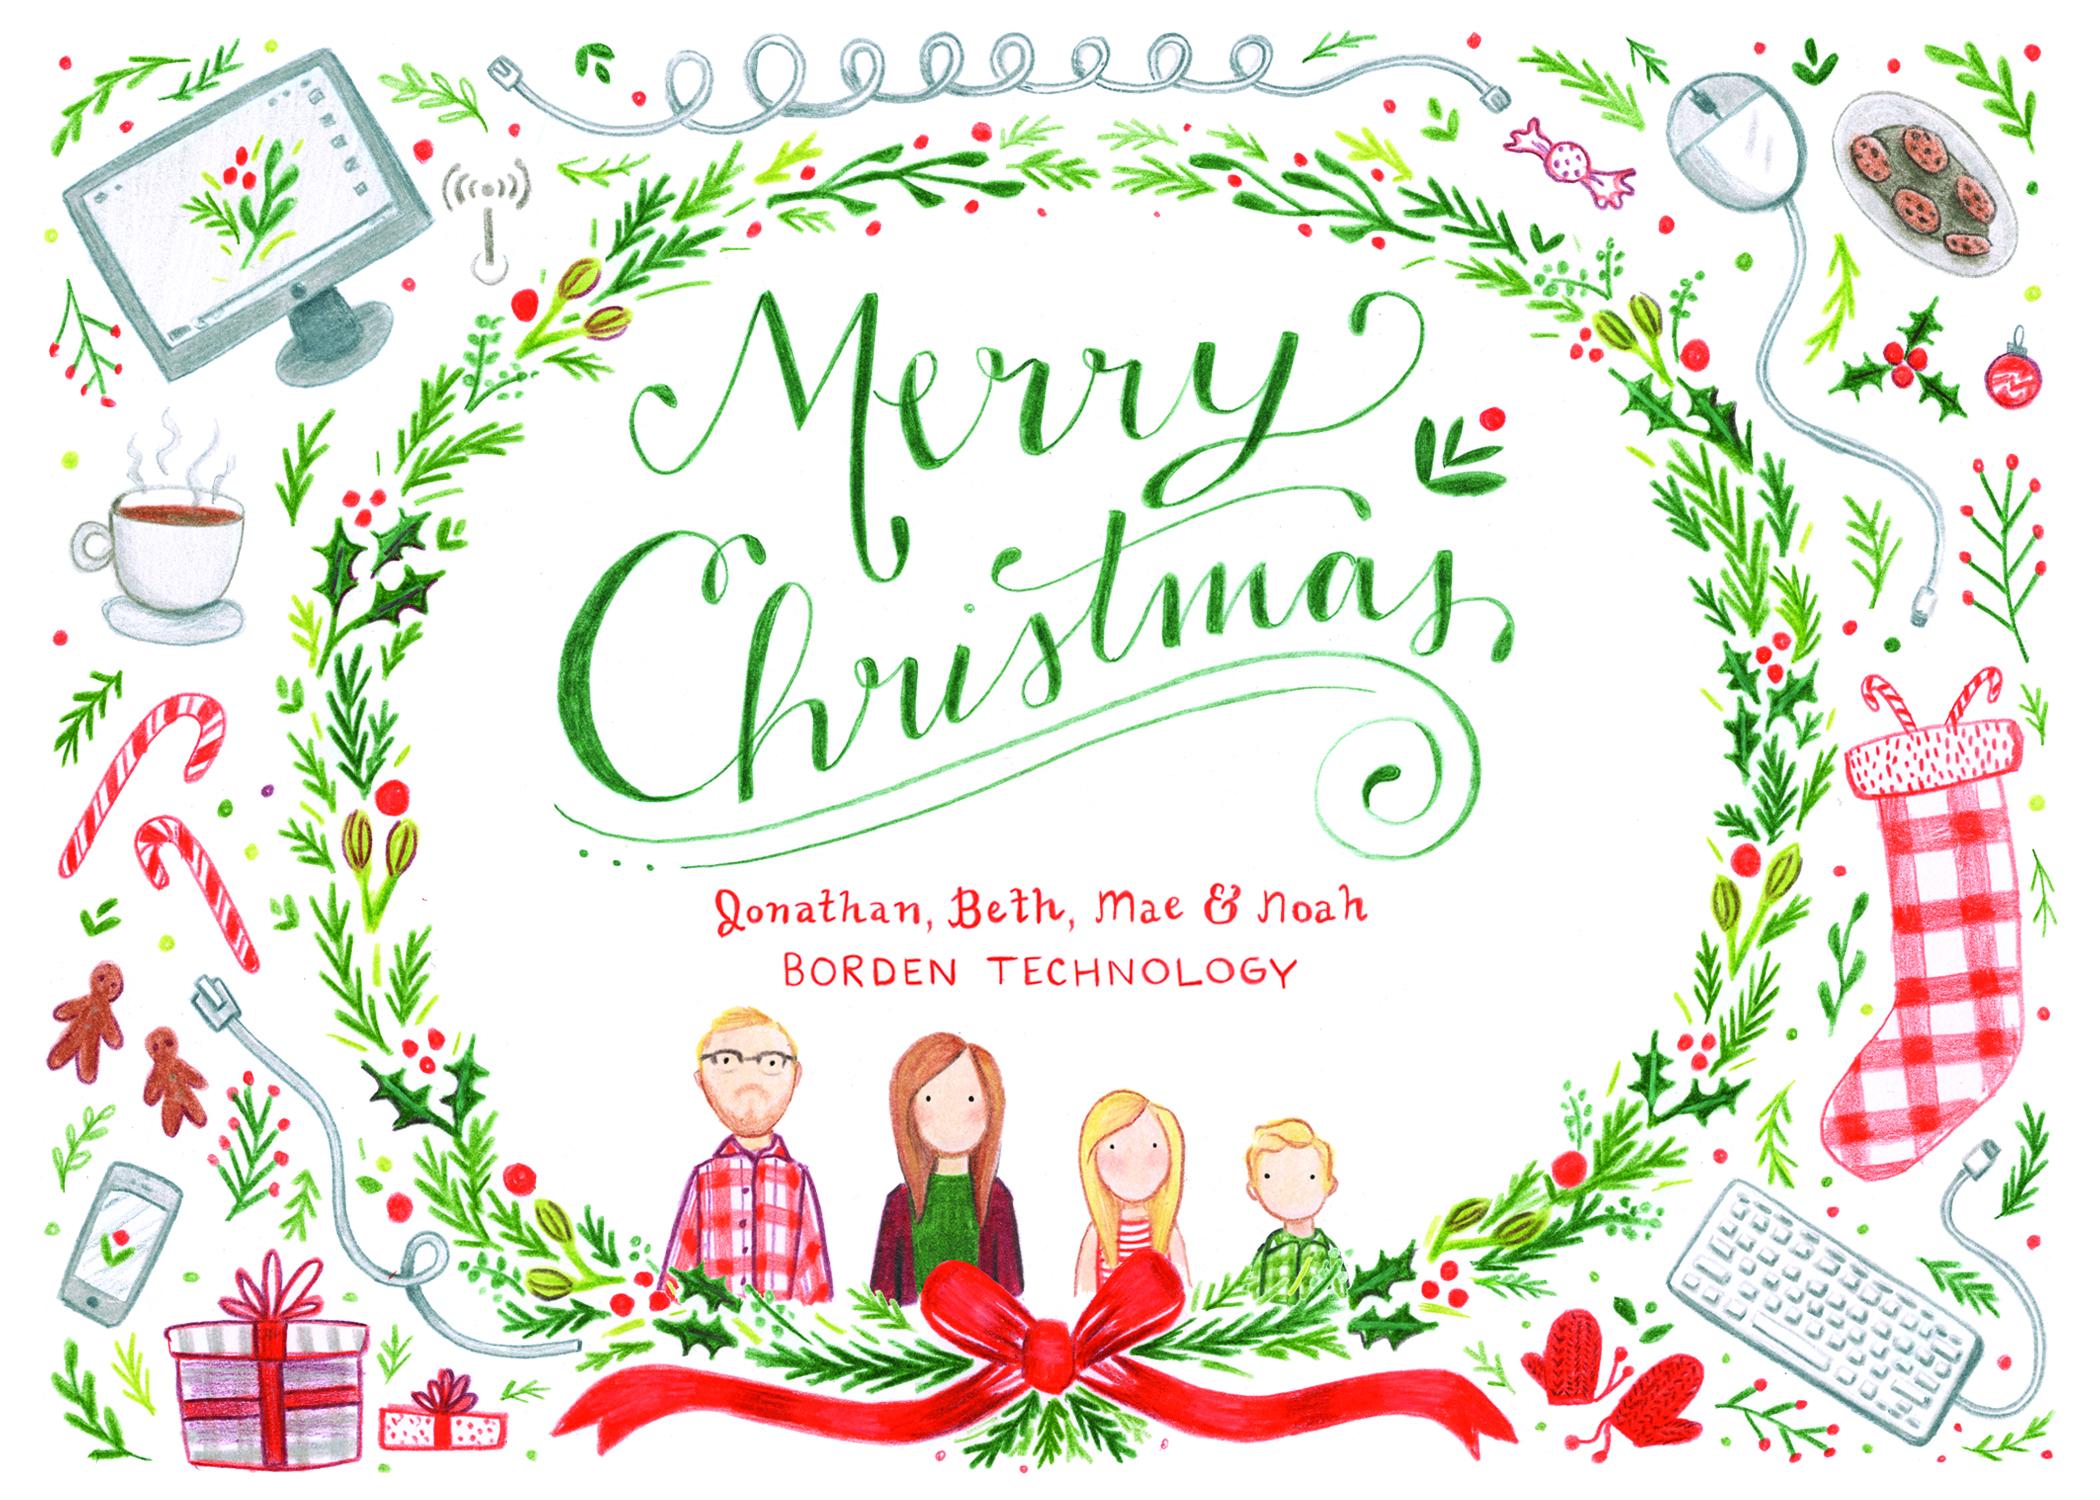 Borden Technology Christmas Card_v2.jpg